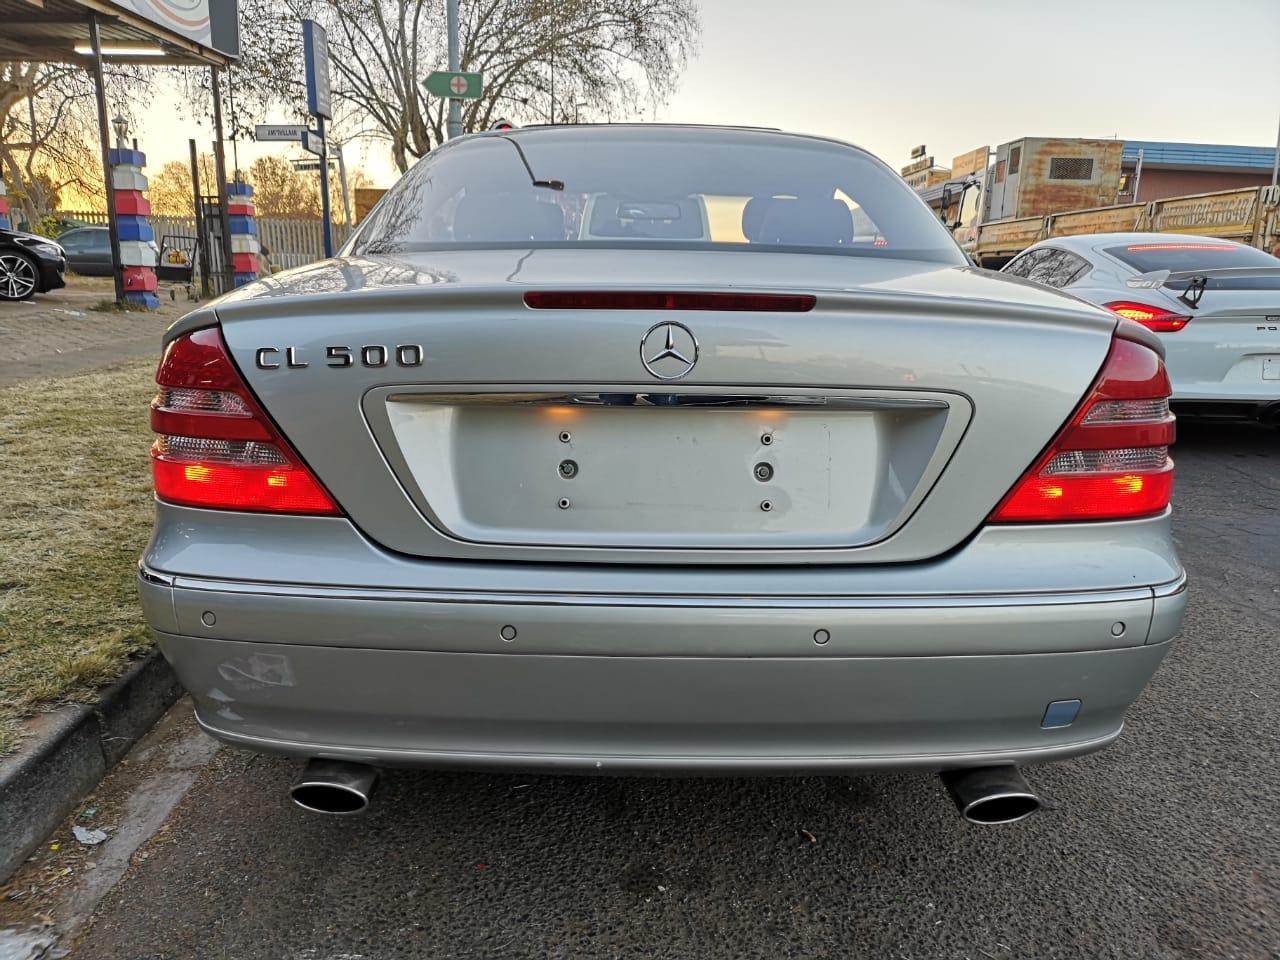 2000 Mercedes Benz Cl 500